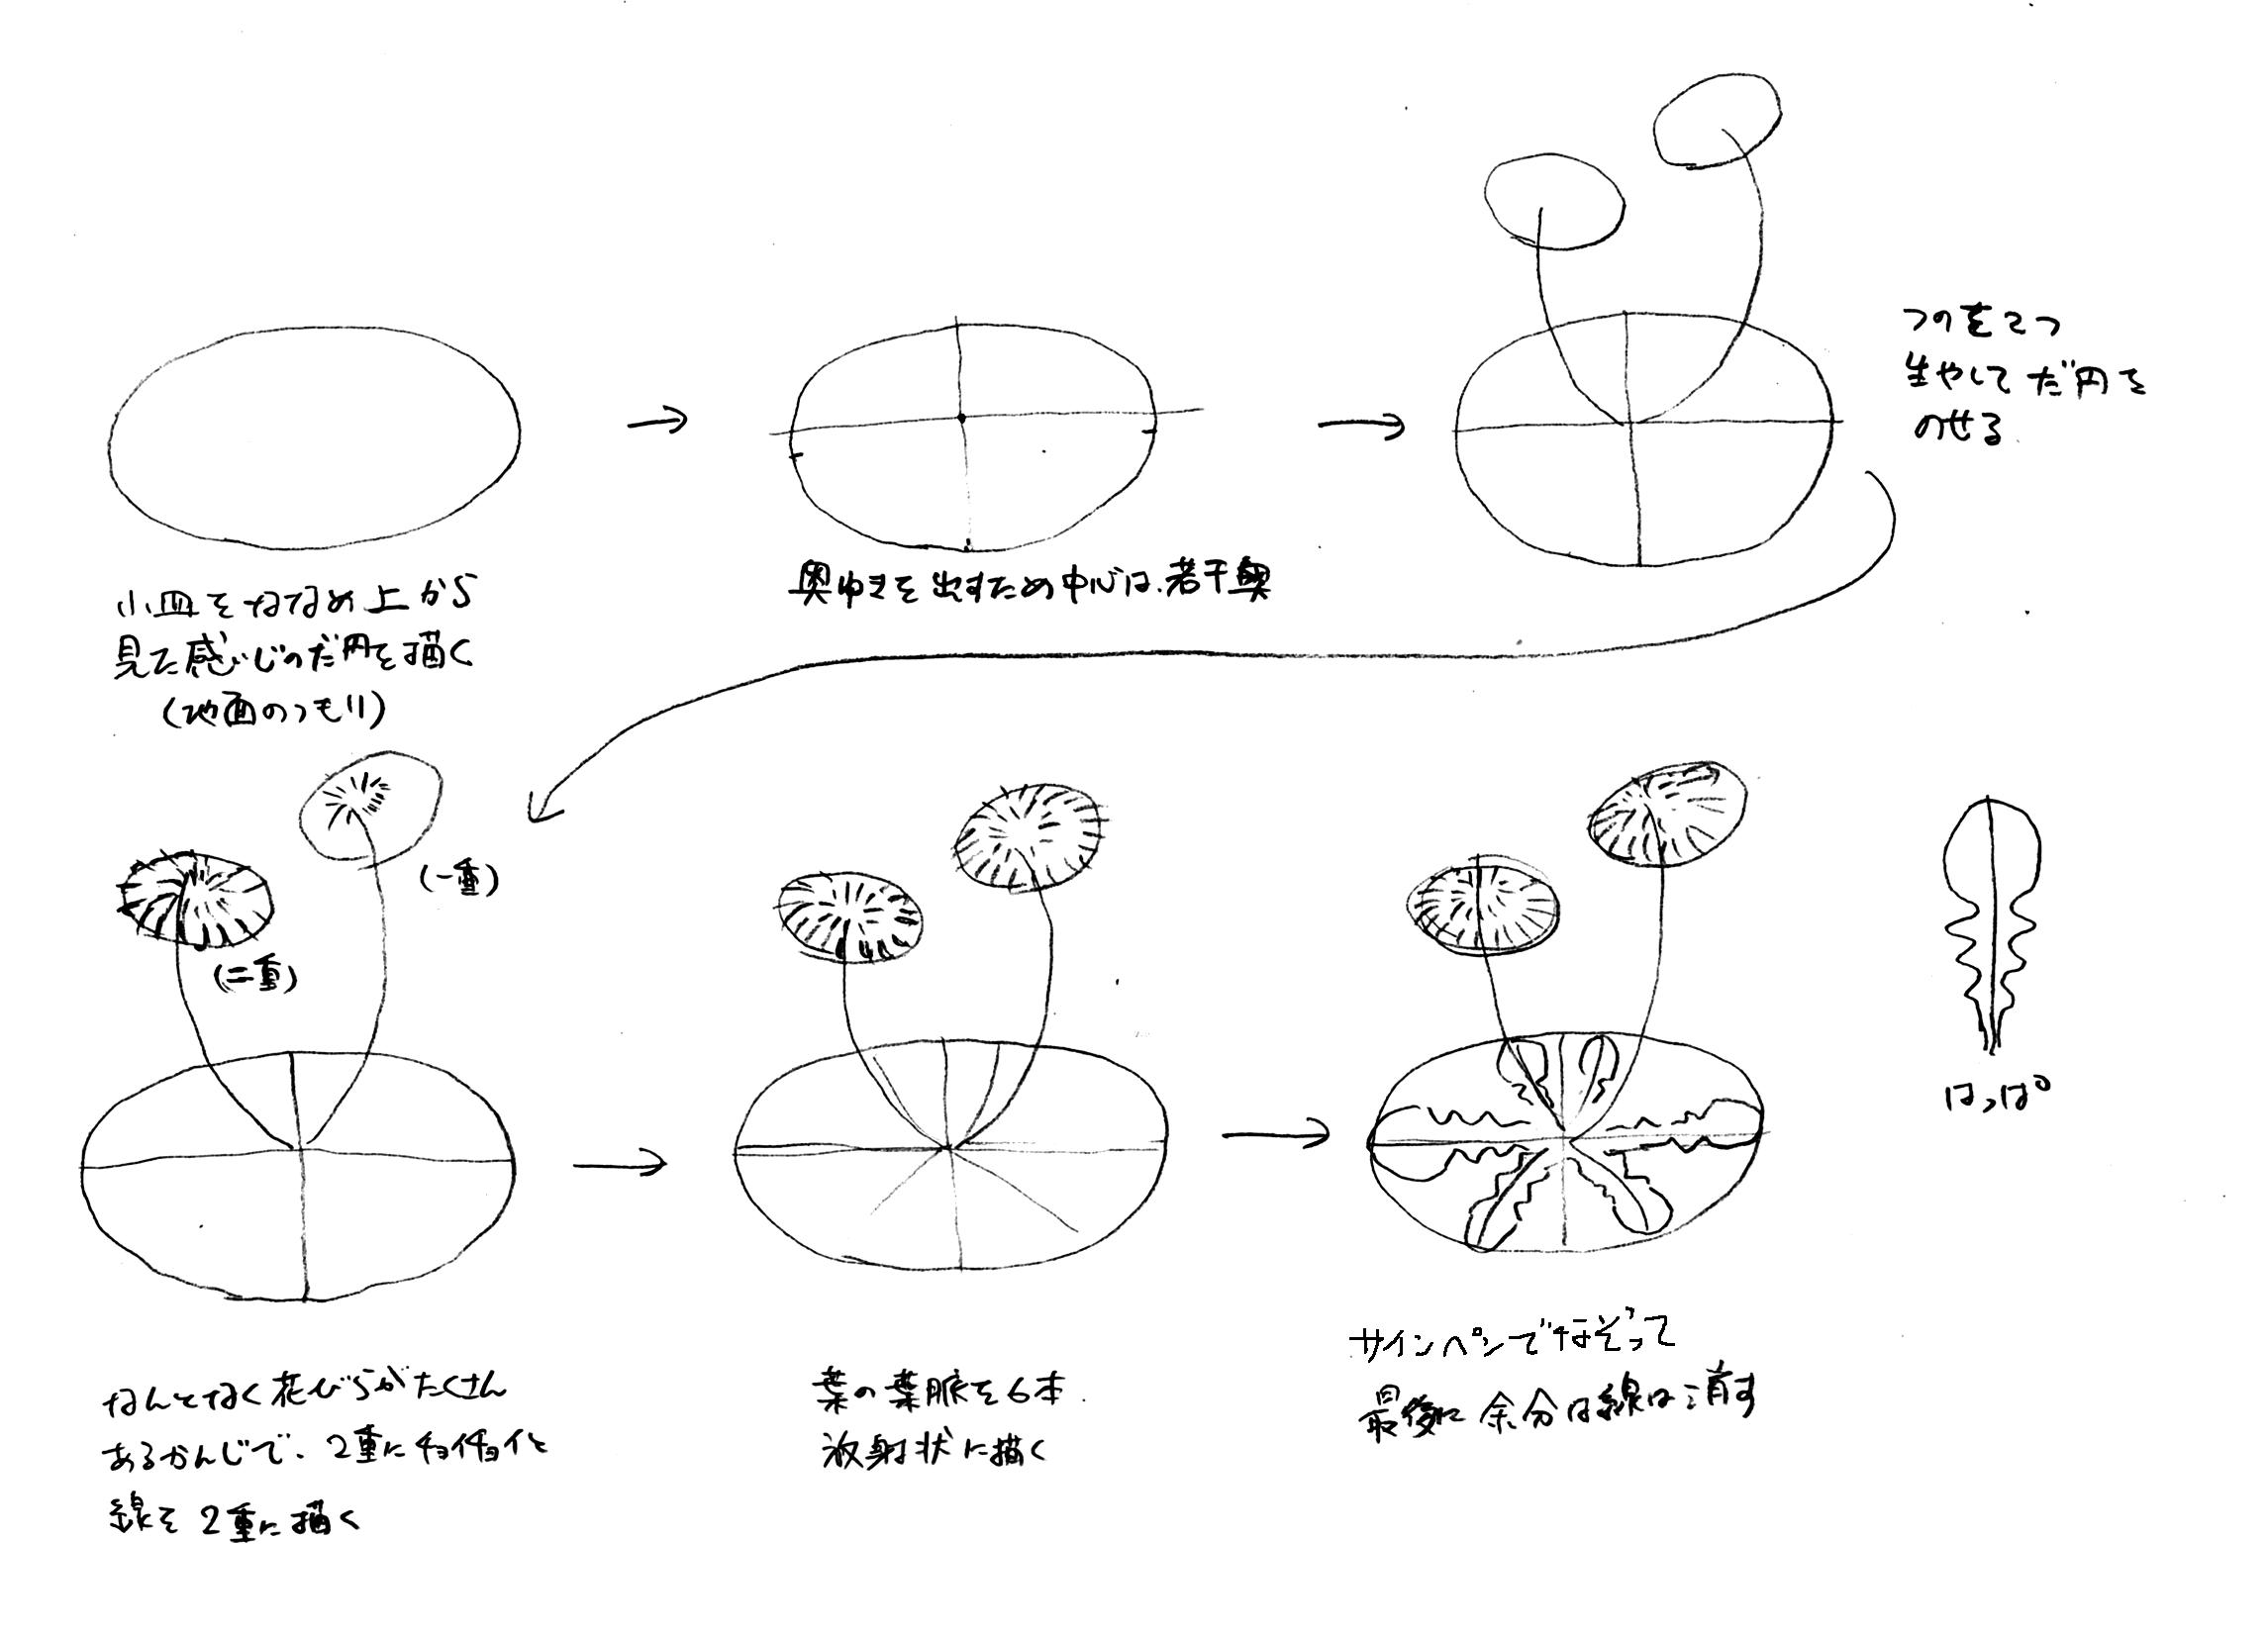 タンポポの描き方 | 三田巡朗のぐるっと廻って